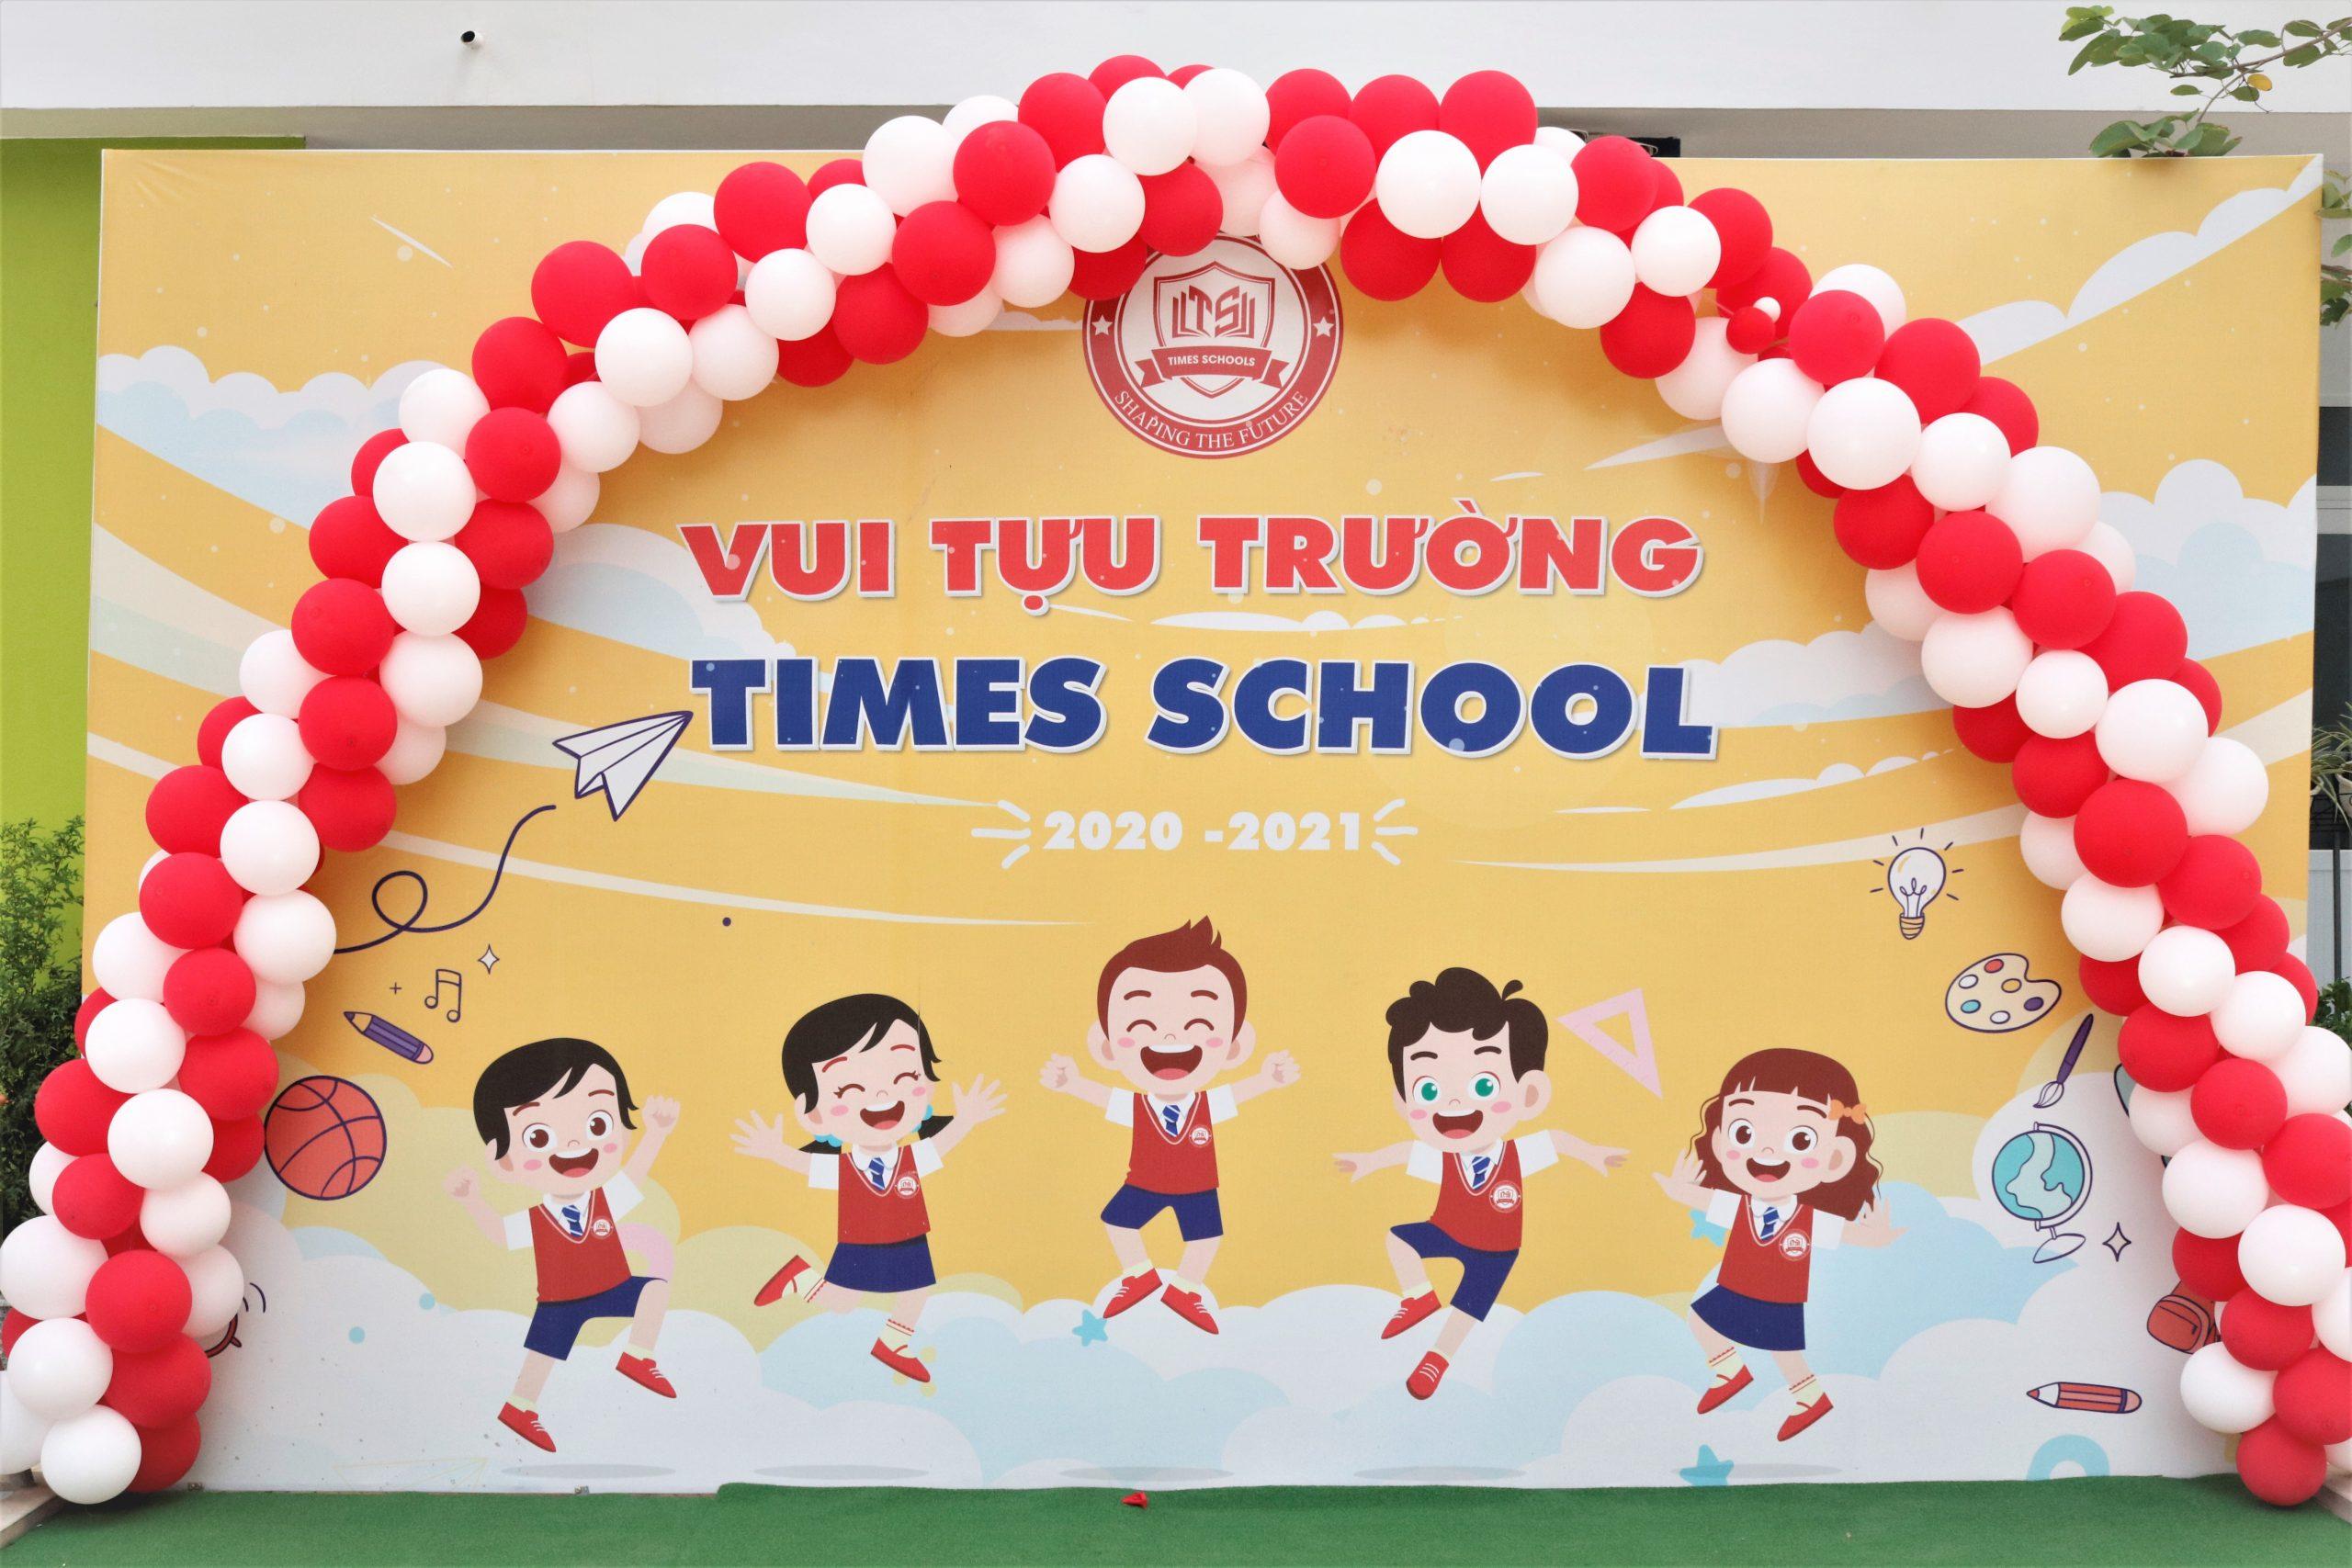 HÂN HOAN ĐÓN HỌC SINH TIMES SCHOOL TỰU TRƯỜNG